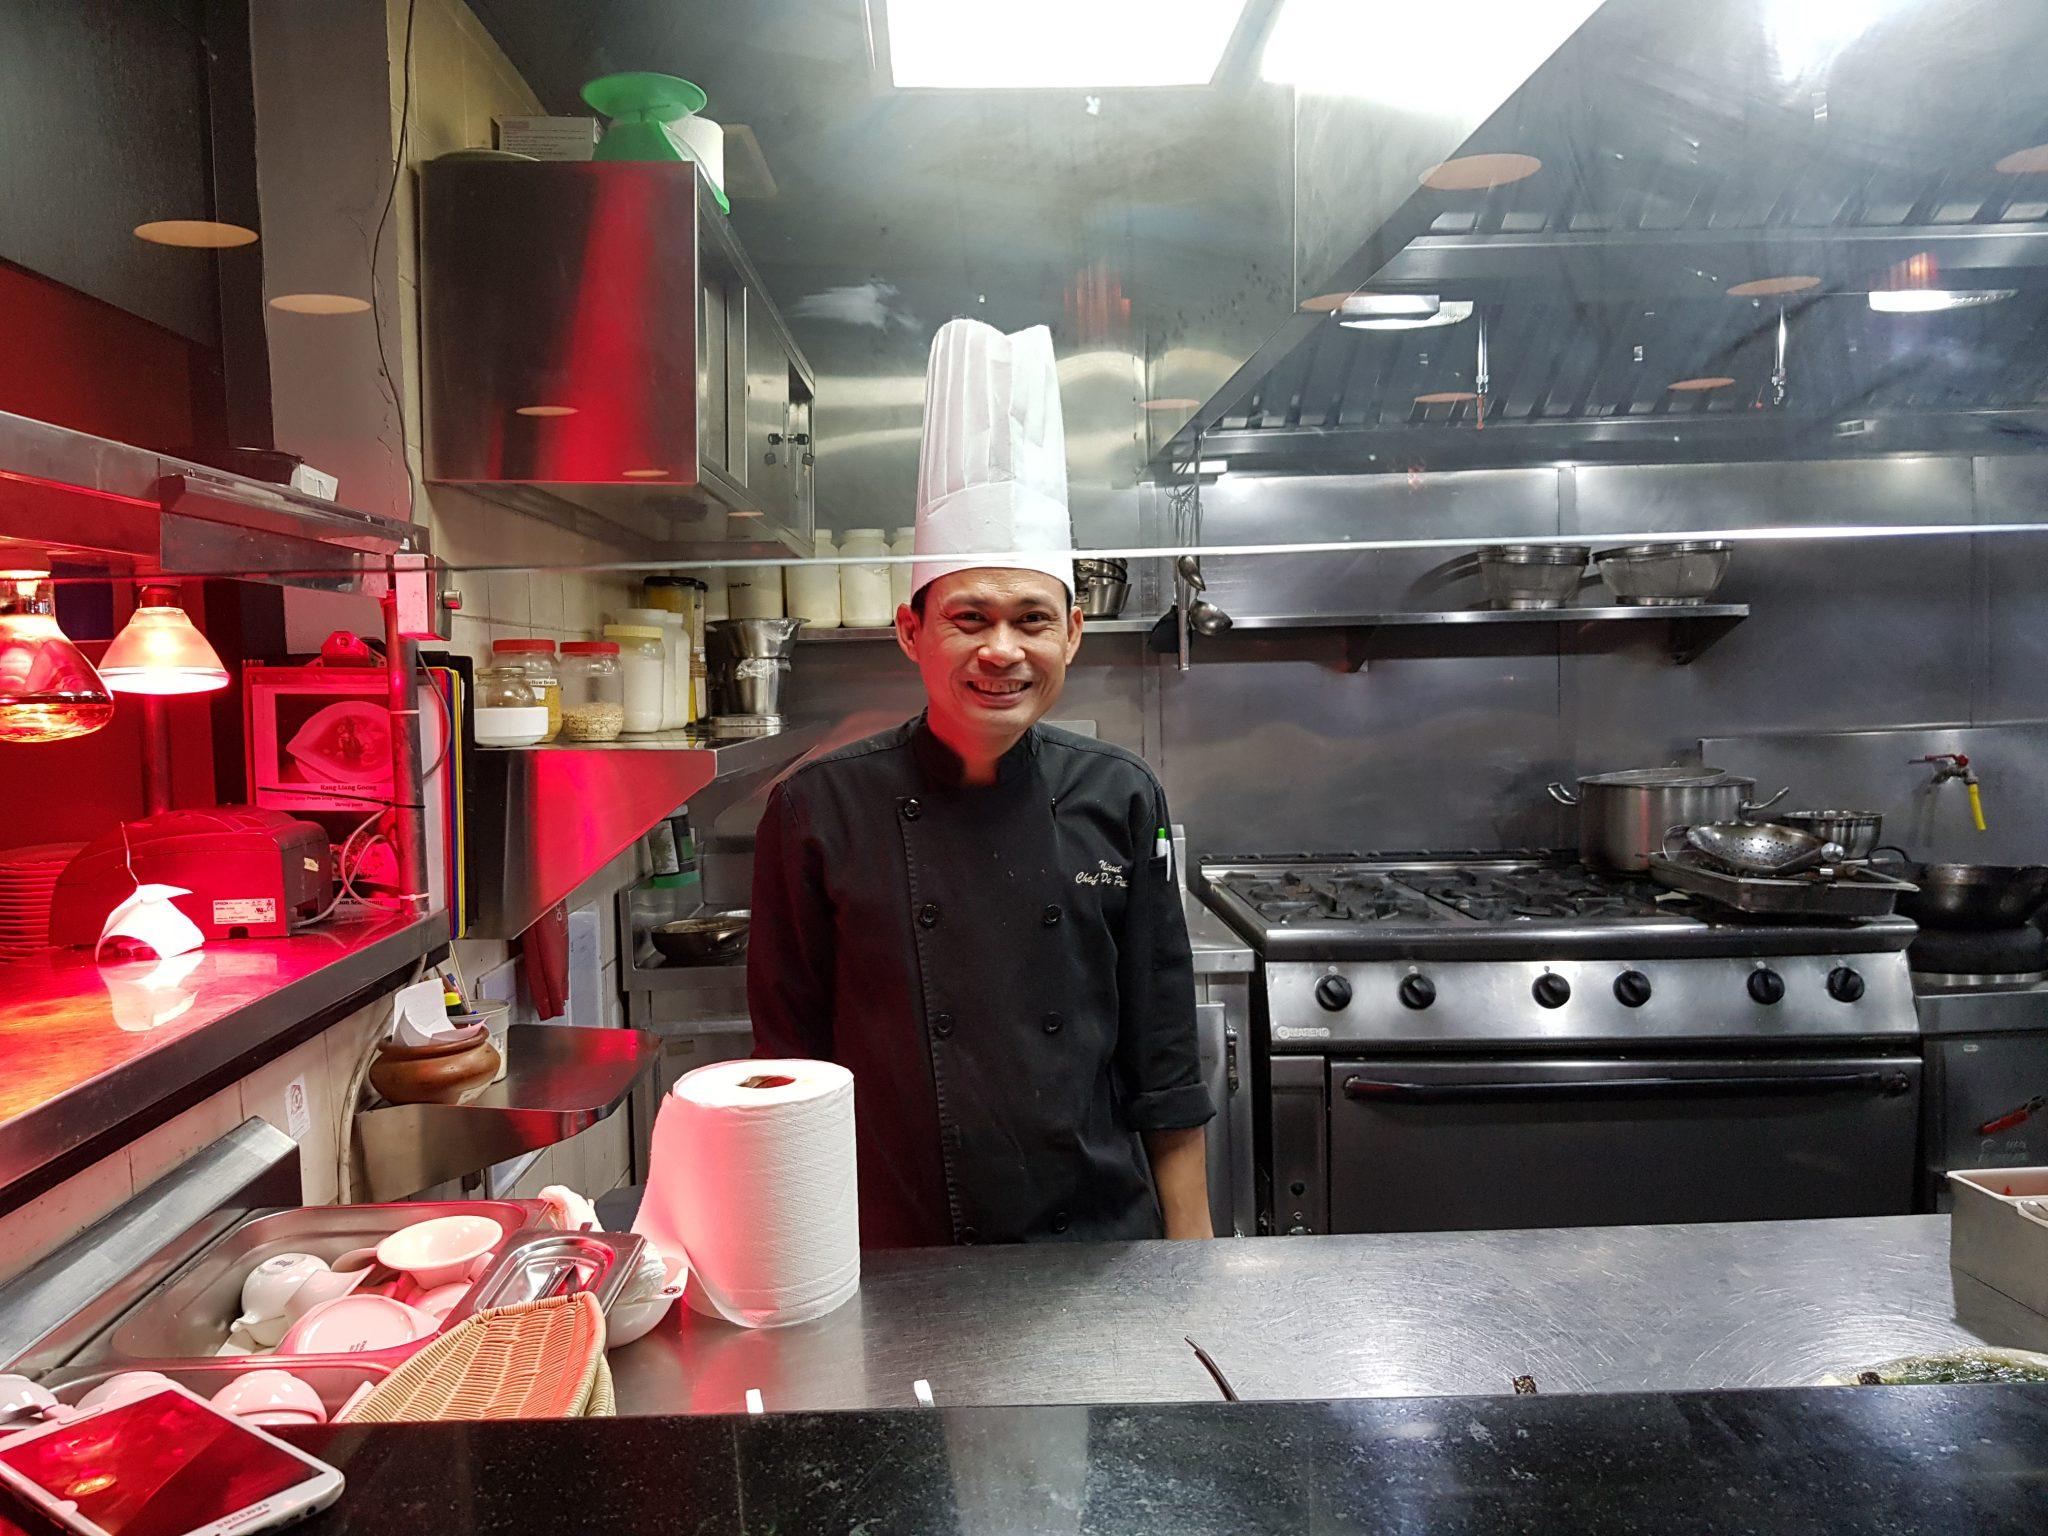 Reviews of The Royal Budha Holiday Inn Dubai